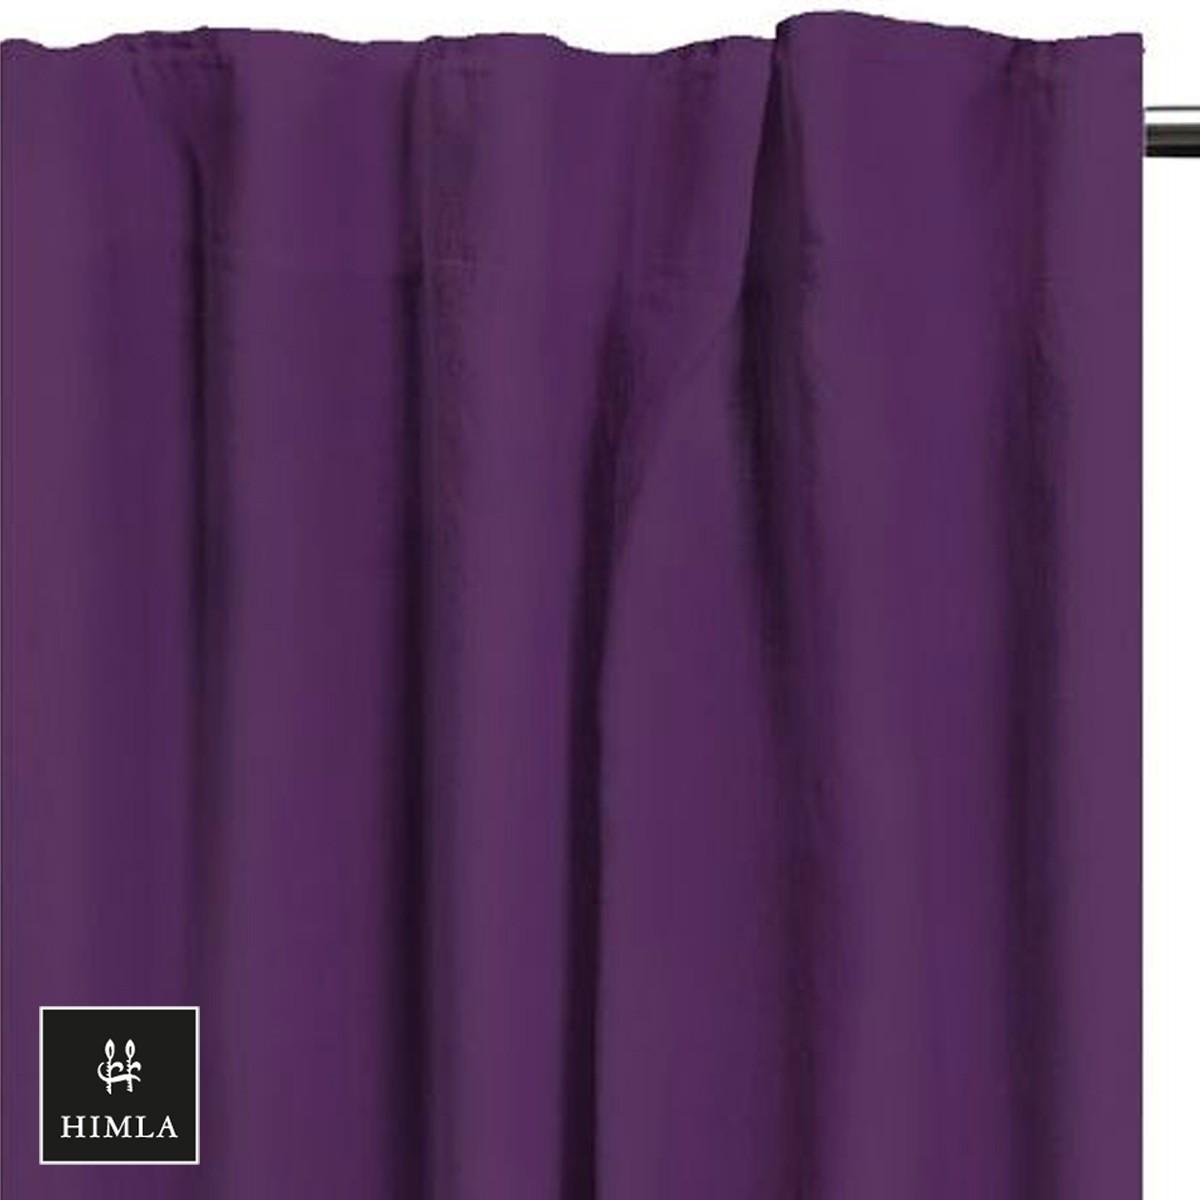 himla vorhang mira porter. Black Bedroom Furniture Sets. Home Design Ideas